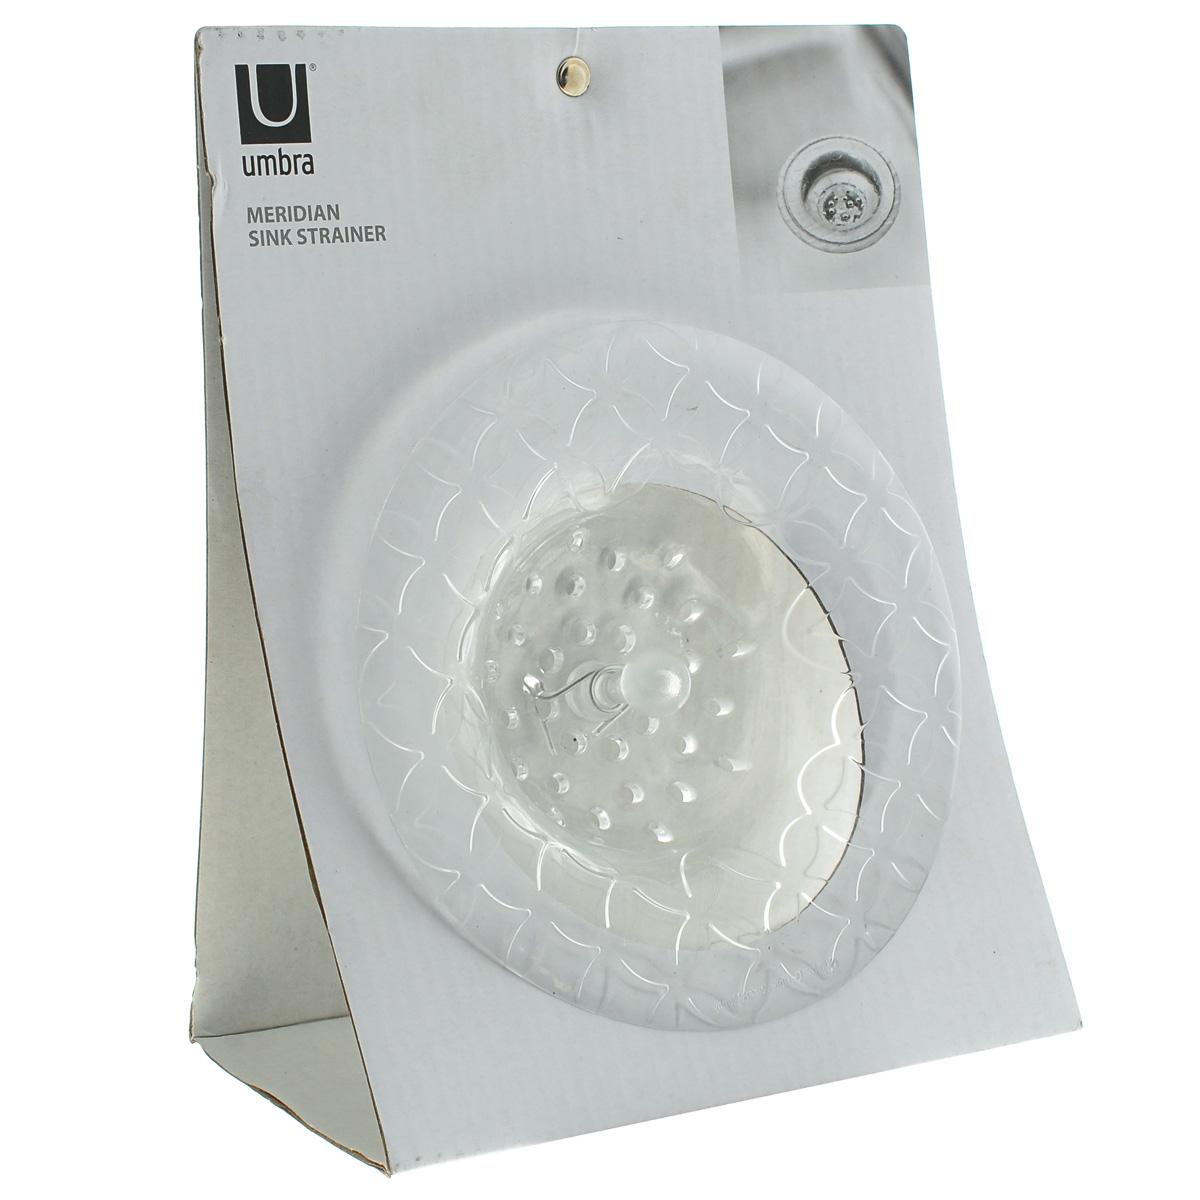 Фильтр для раковины Umbra Meridian, цвет: прозрачный, диаметр 7,5 см330887-165Фильтр Umbra Meridian, выполненный из силикона, используется для улавливания нечистот в раковинах и ванных, предотвращает забивание канализационных труб остатками еды. Фильтр имеет специальное углубление для раковины. Изделие поможет предотвратить засорение вашей раковины. Диаметр: 7,5 см.